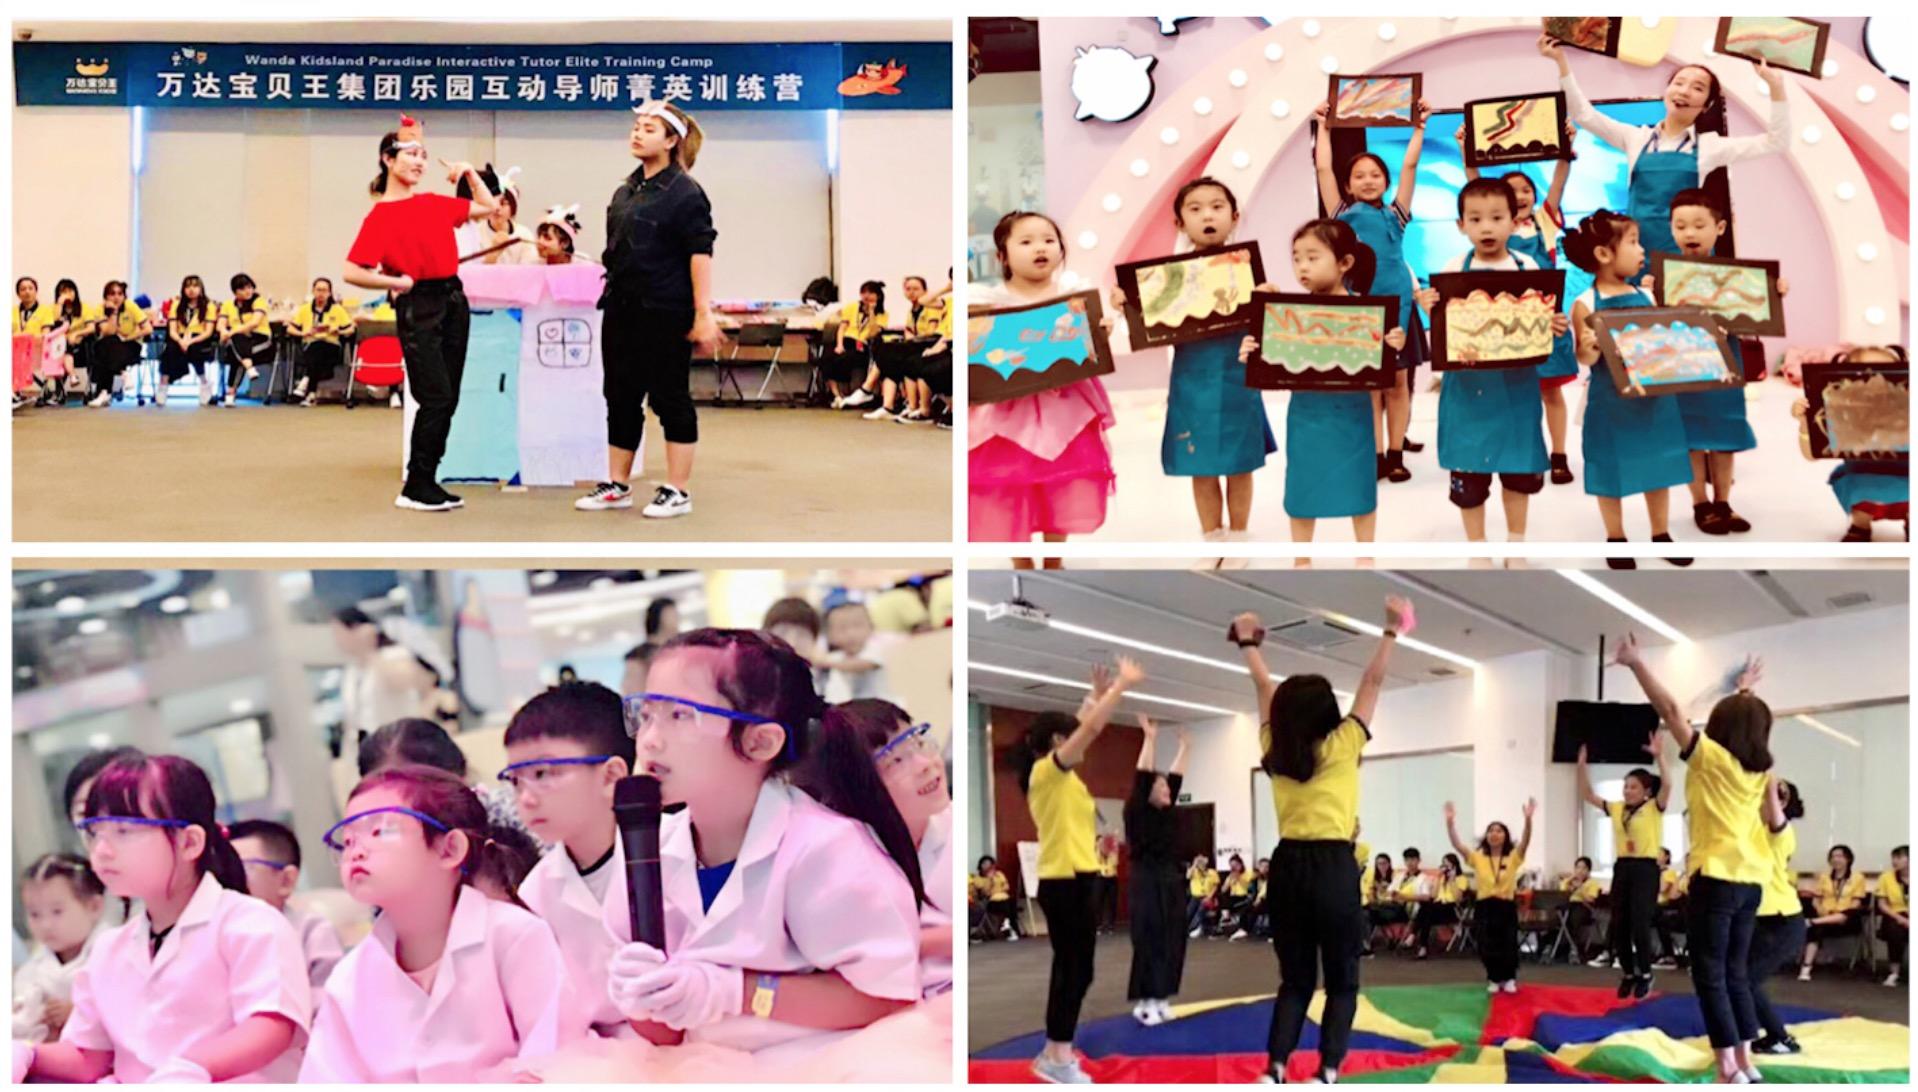 万达宝贝王乐园举办菁英训练营 推进儿童新消费战略